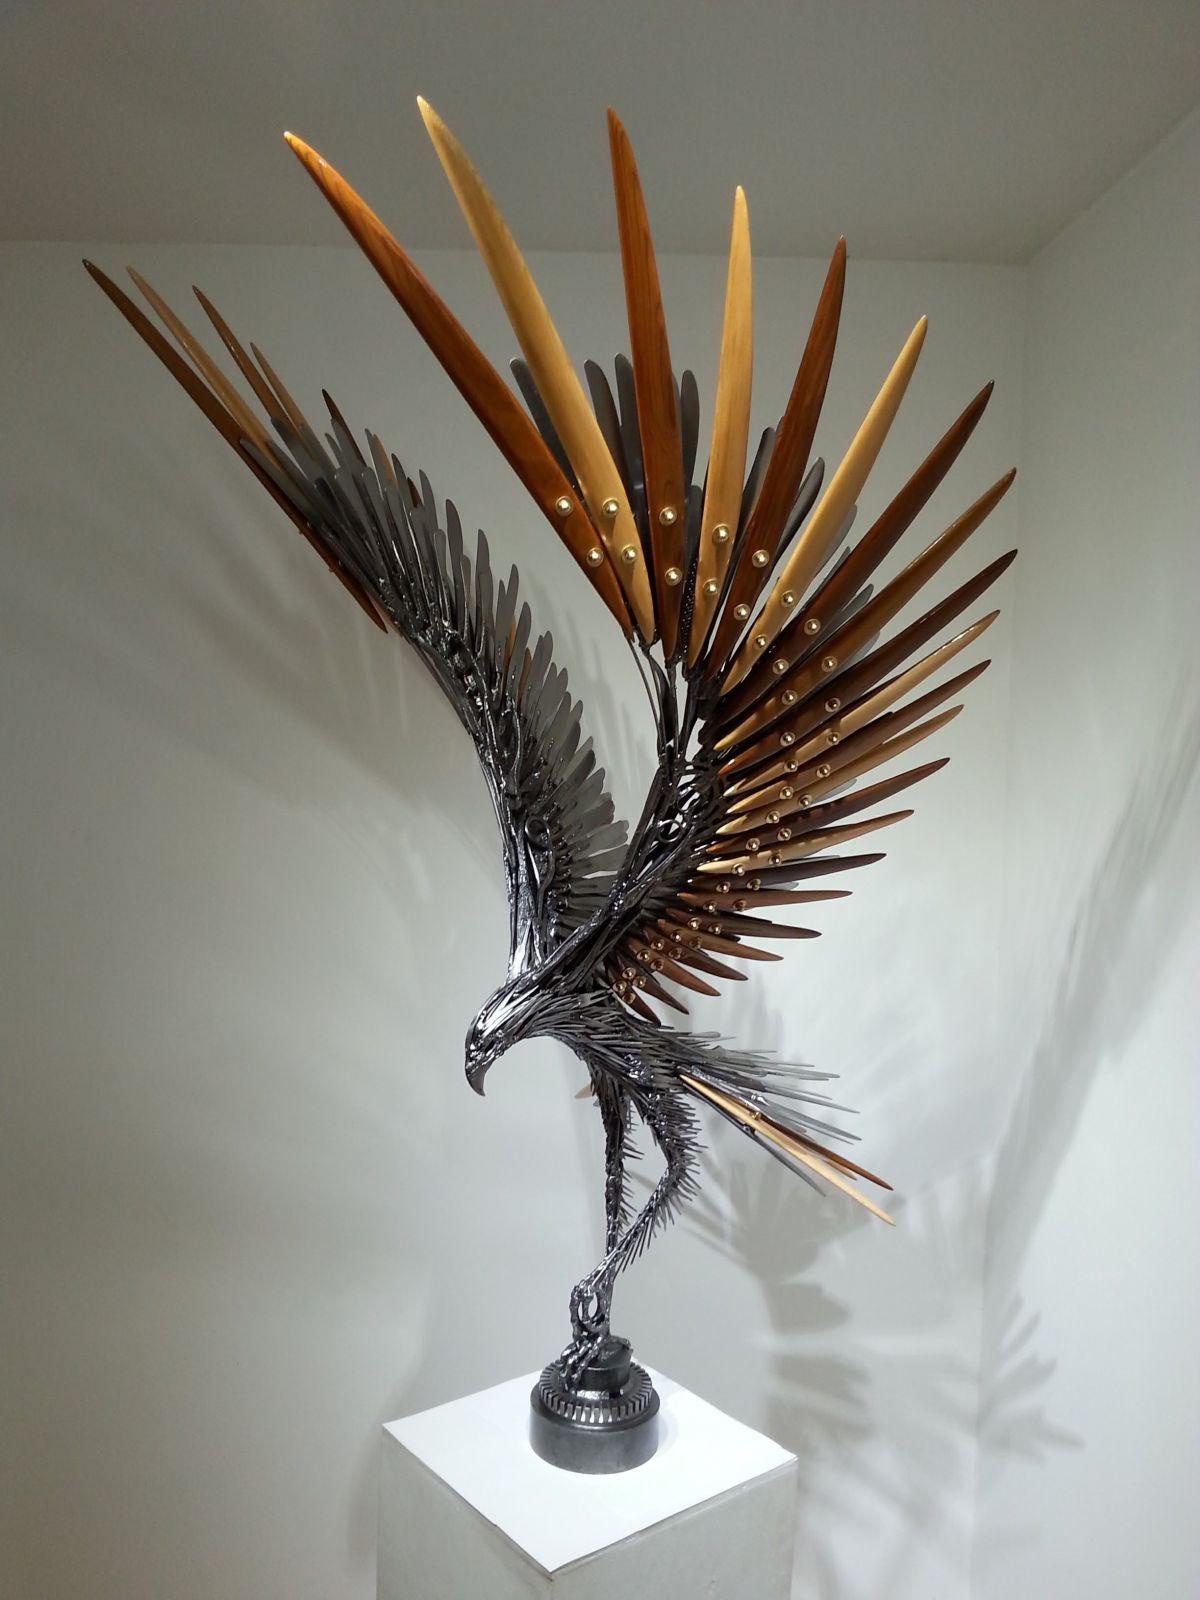 sculpture steel bird by carl sean mcmahon